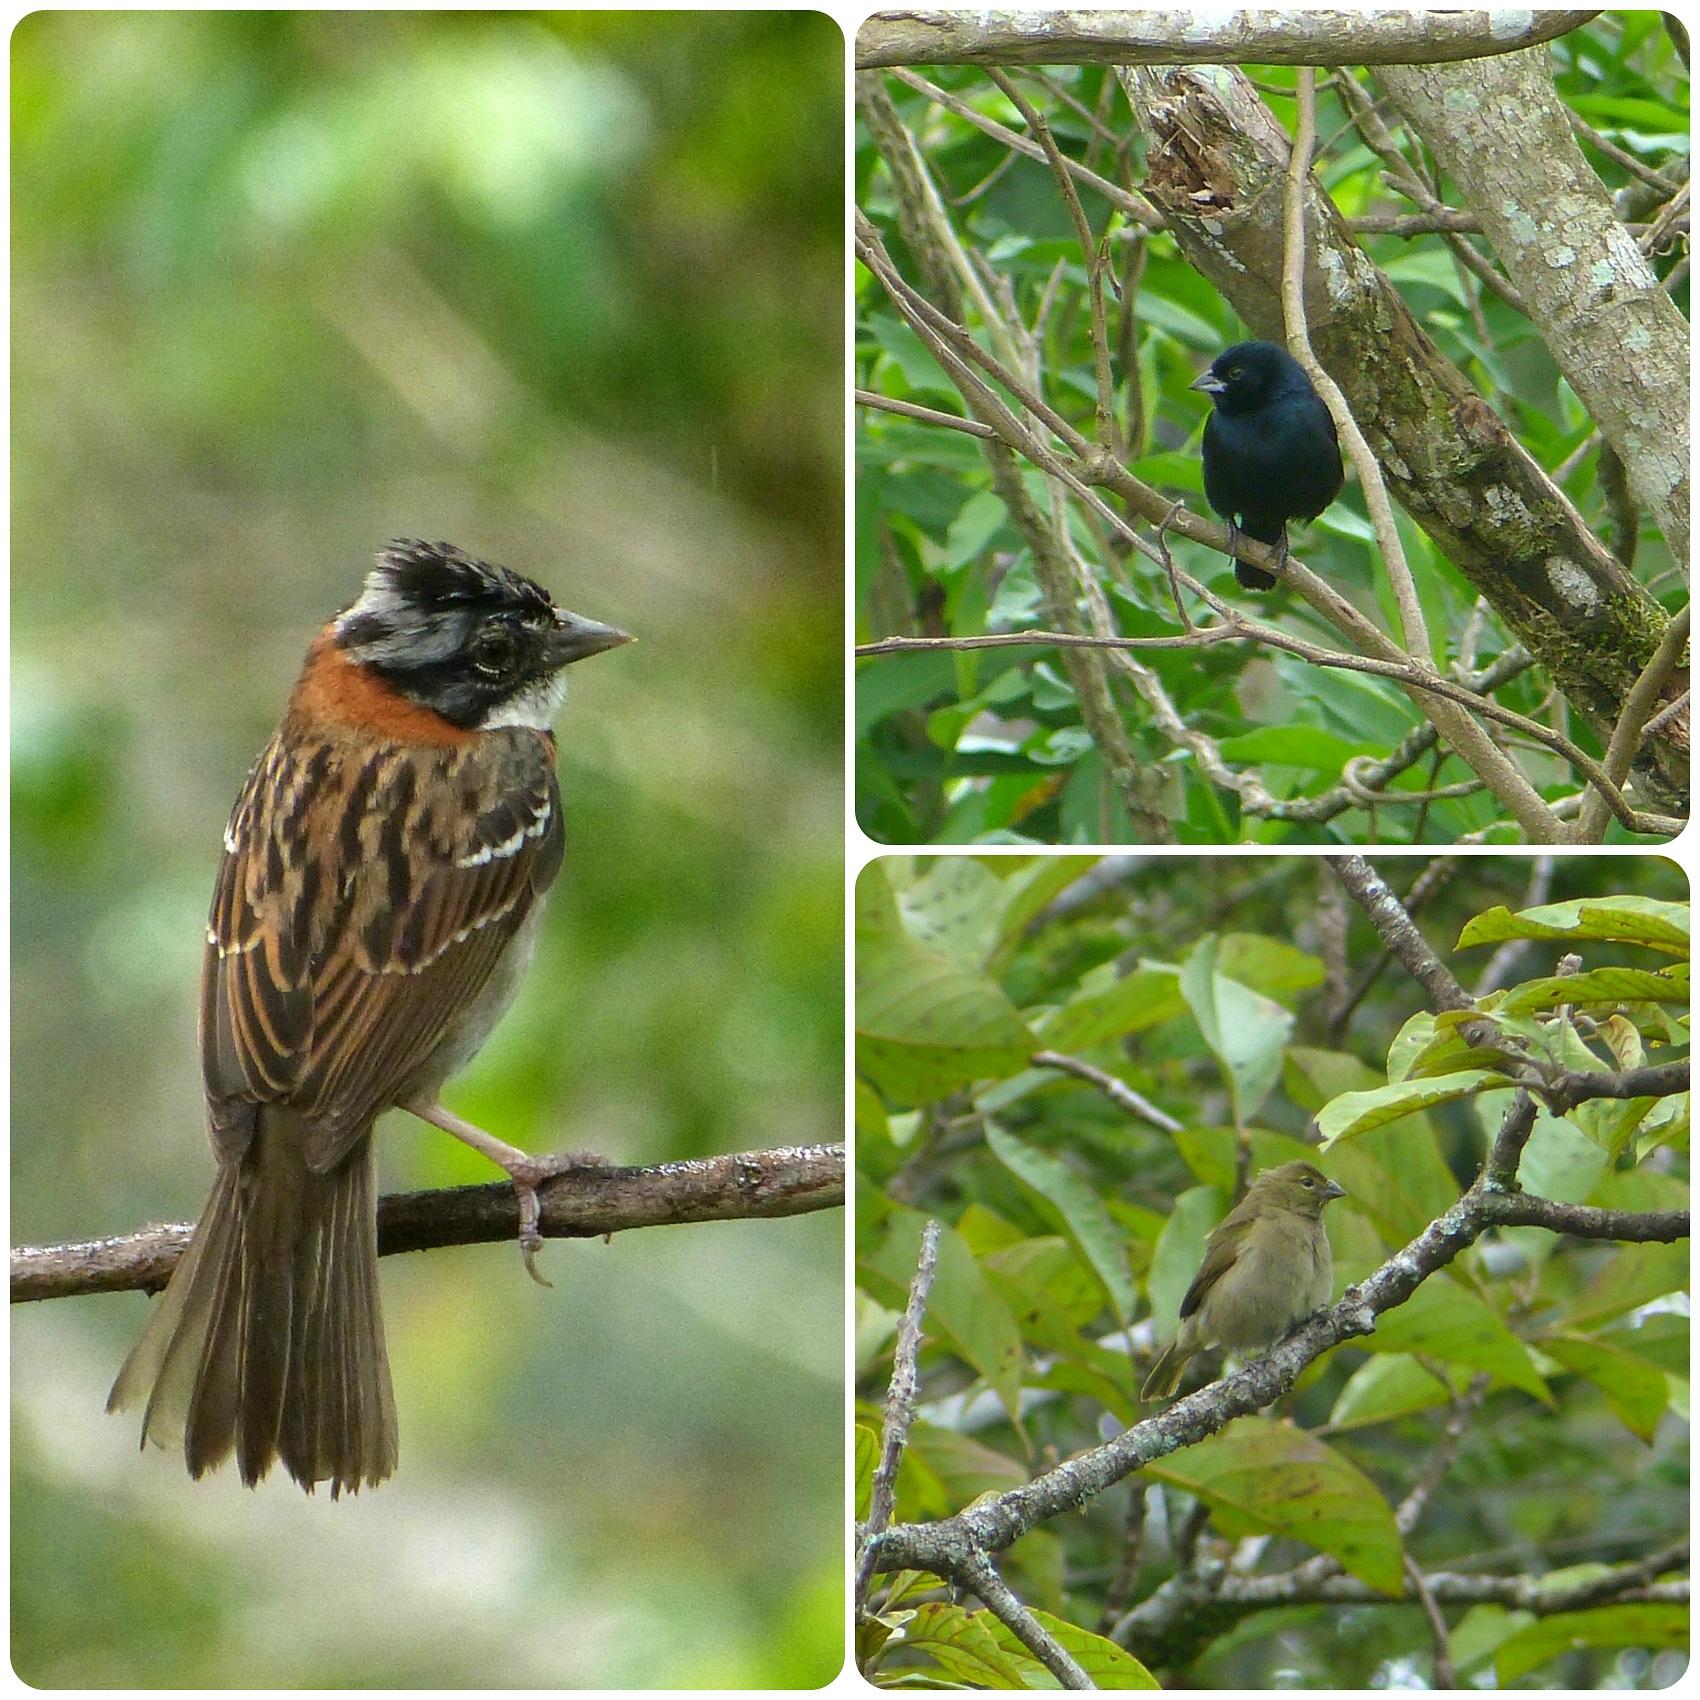 Aves encontradas en El Tambo cerca de Popayán : Zonotrichia capensis, Volatinia jacarina